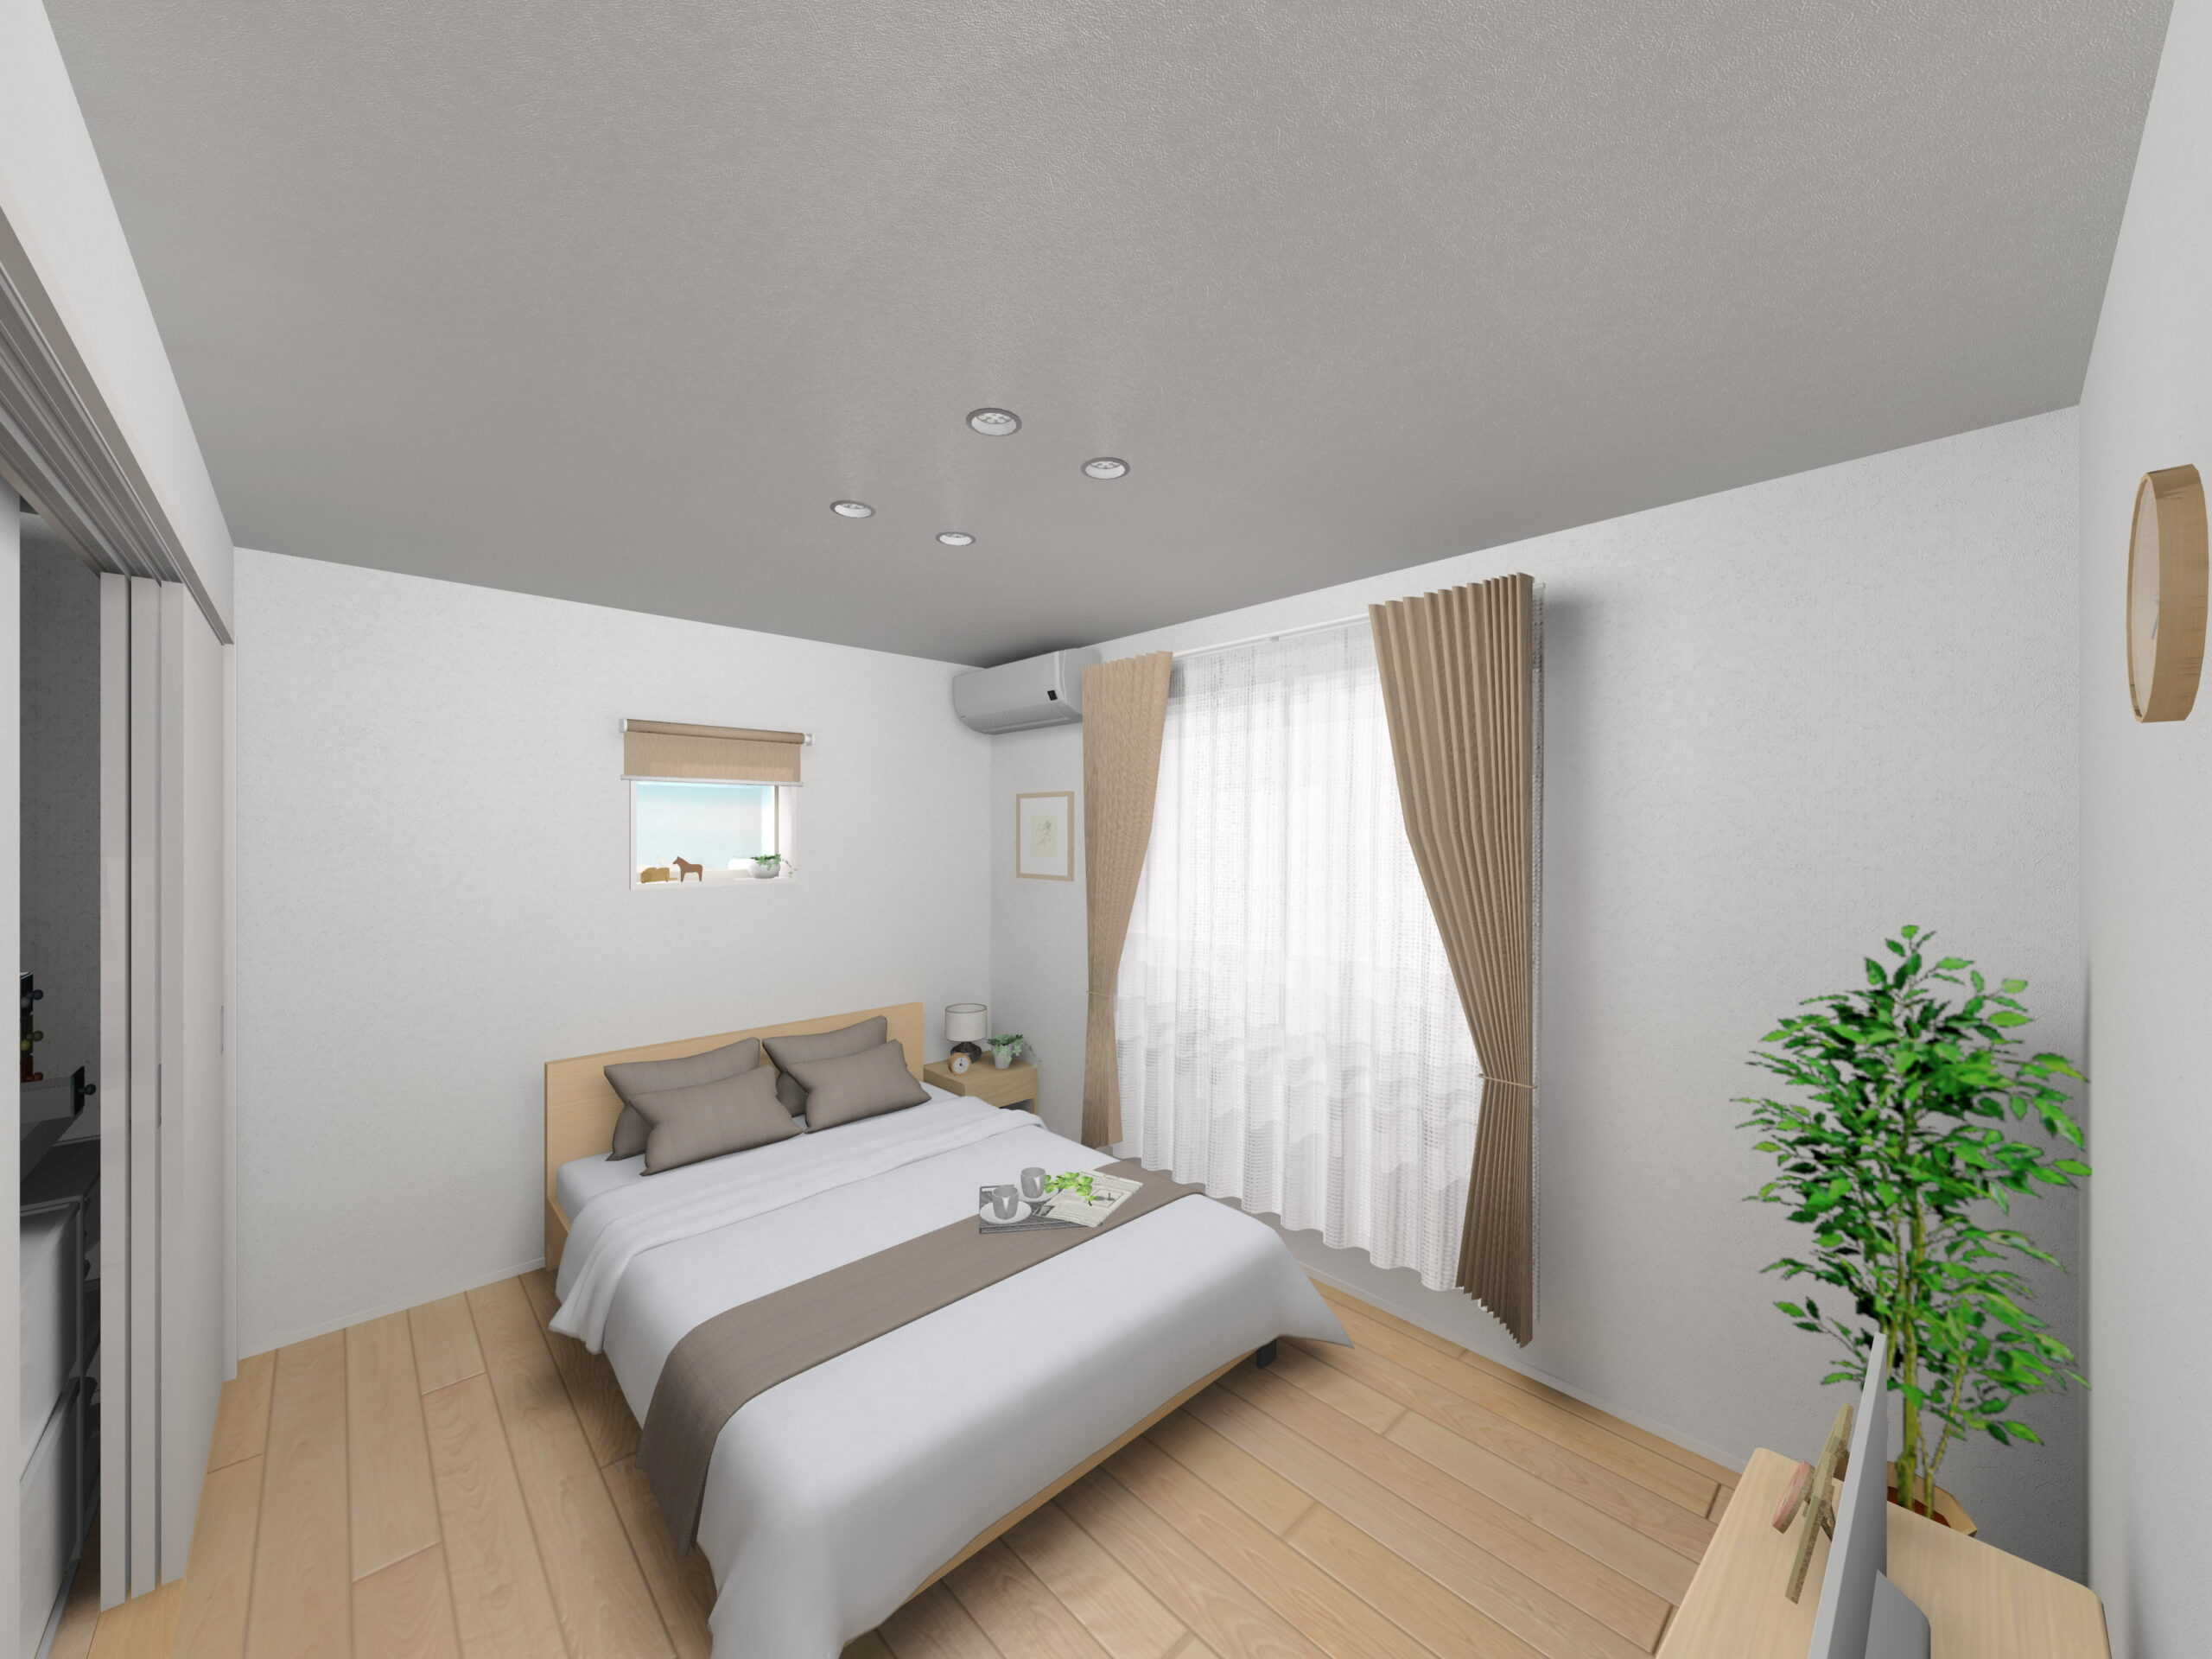 嬉野市新築建売住宅「OURS下野2号地」主寝室パース